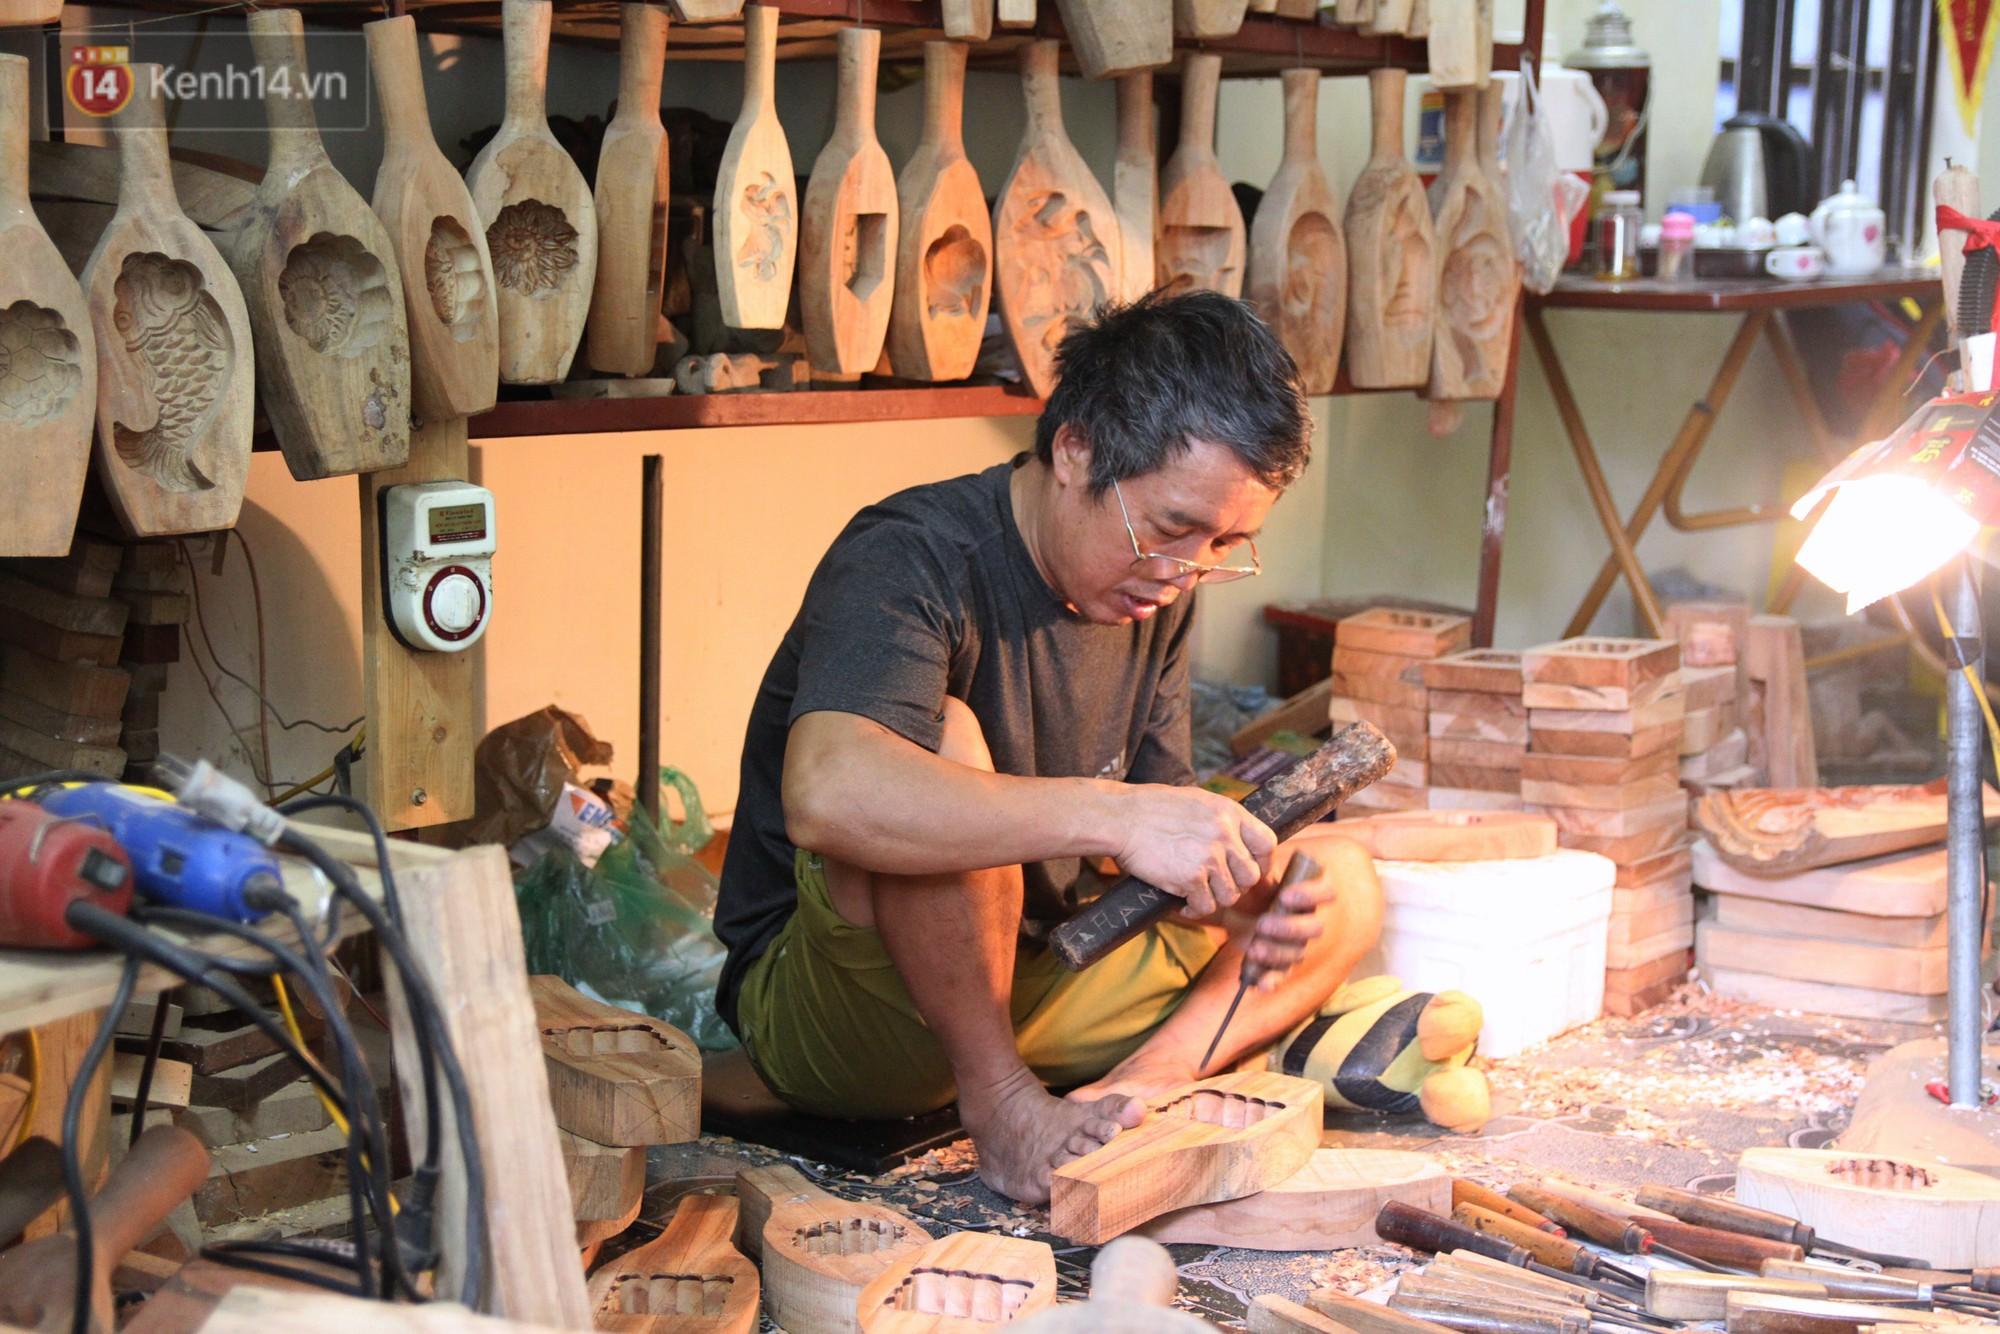 Ghé thăm người đàn ông 35 năm đẽo đục khuôn bánh Trung thu ở Hà Nội: Một khuôn gỗ đắt nhất giá 5 triệu - Ảnh 3.